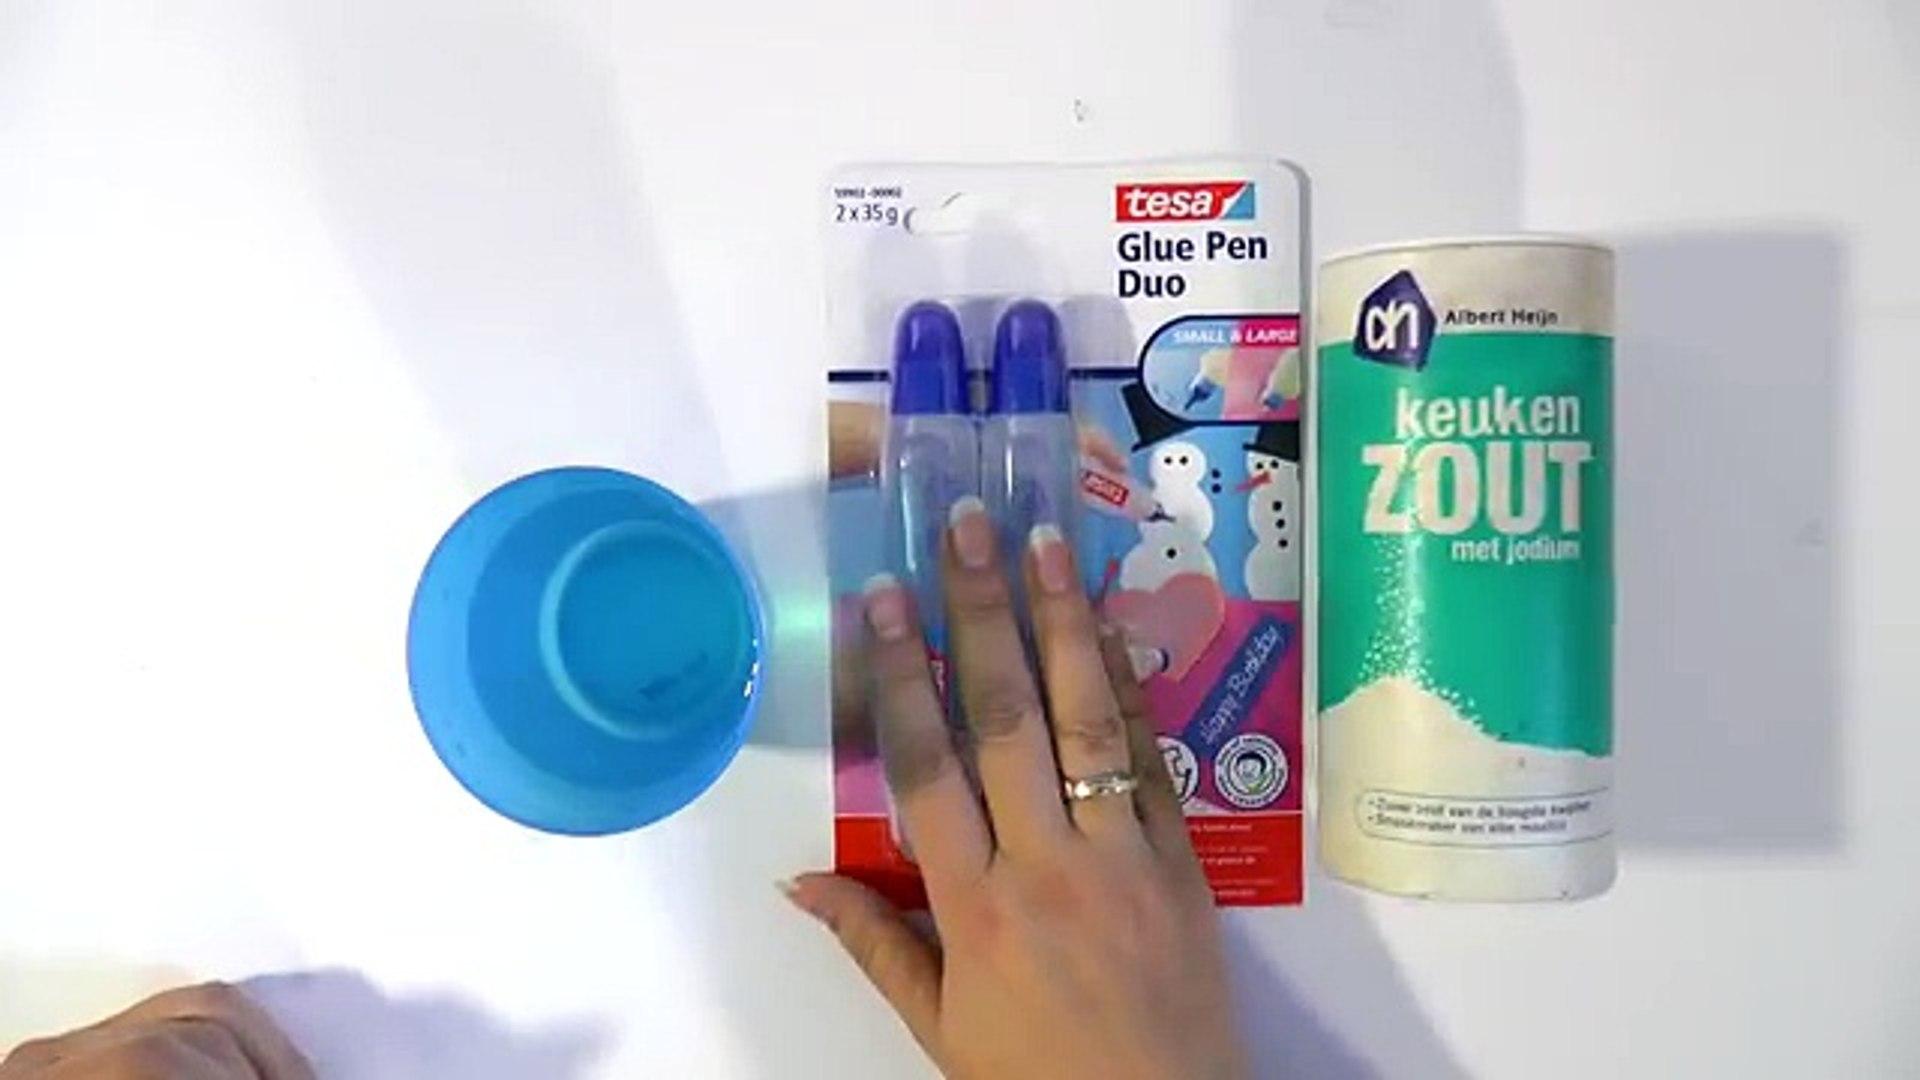 Slijm van water, lijm en zout maken - SLIME DIY (geen lensvloeistof! geen wasmiddel)